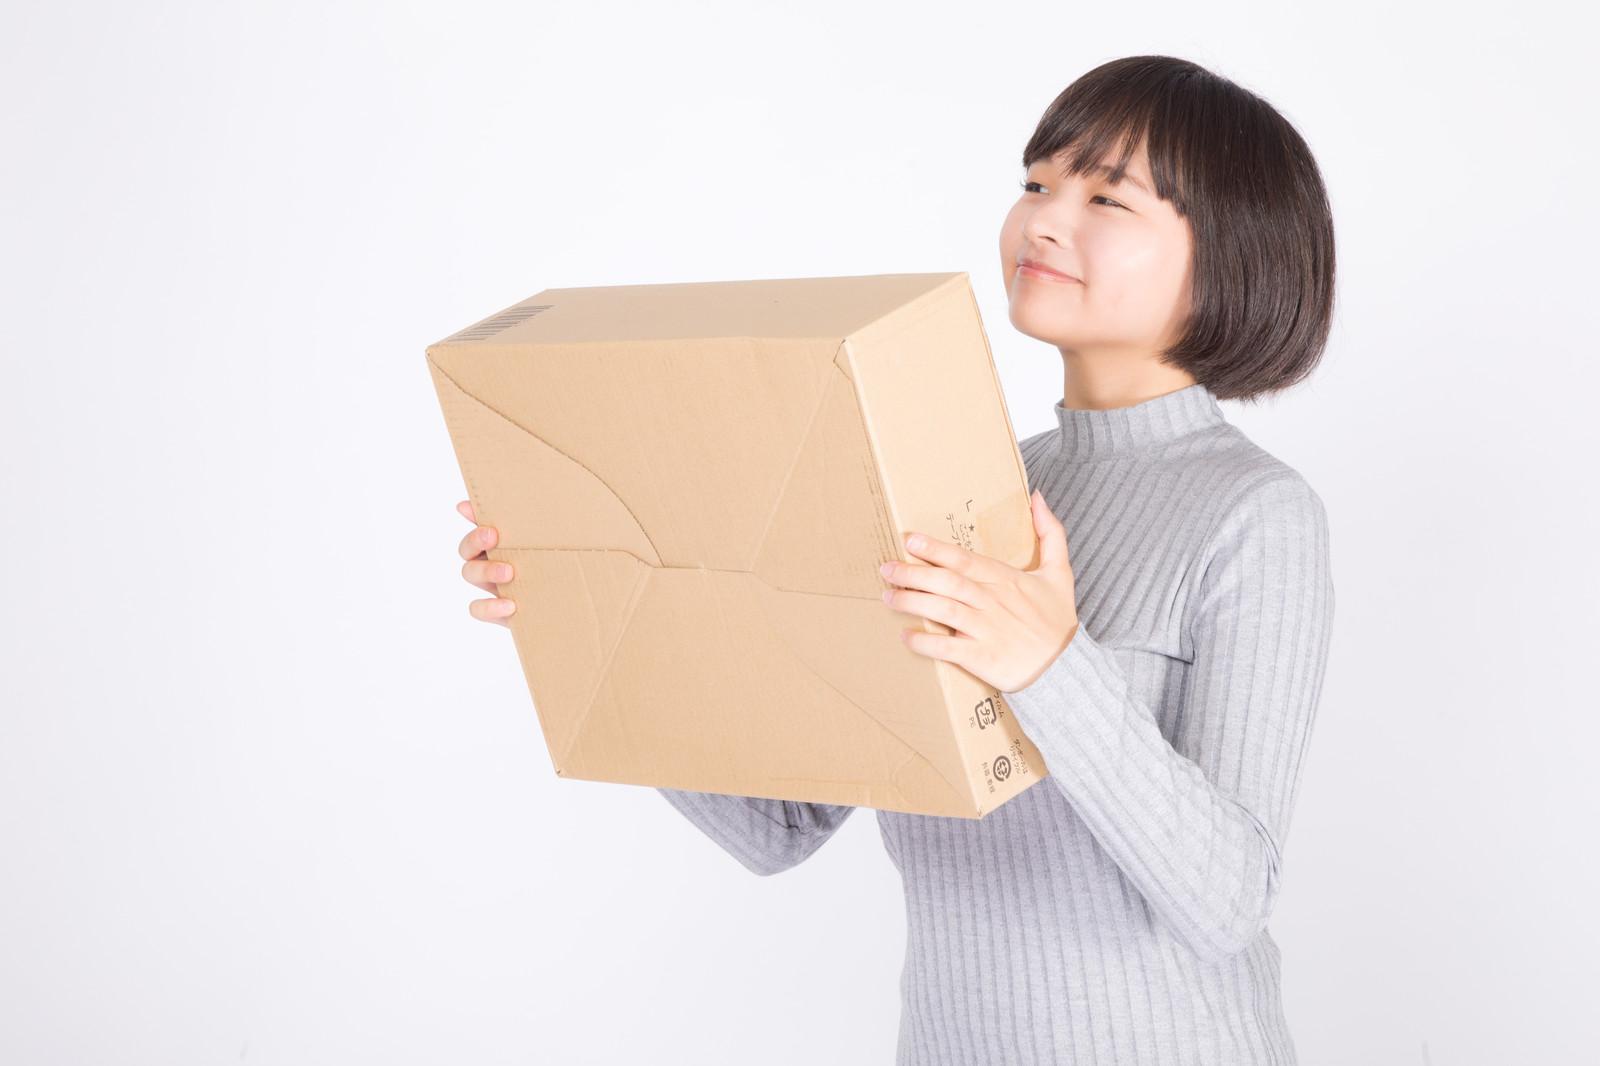 バスティーメイクナイトブラを配送で受け取った女性の写真